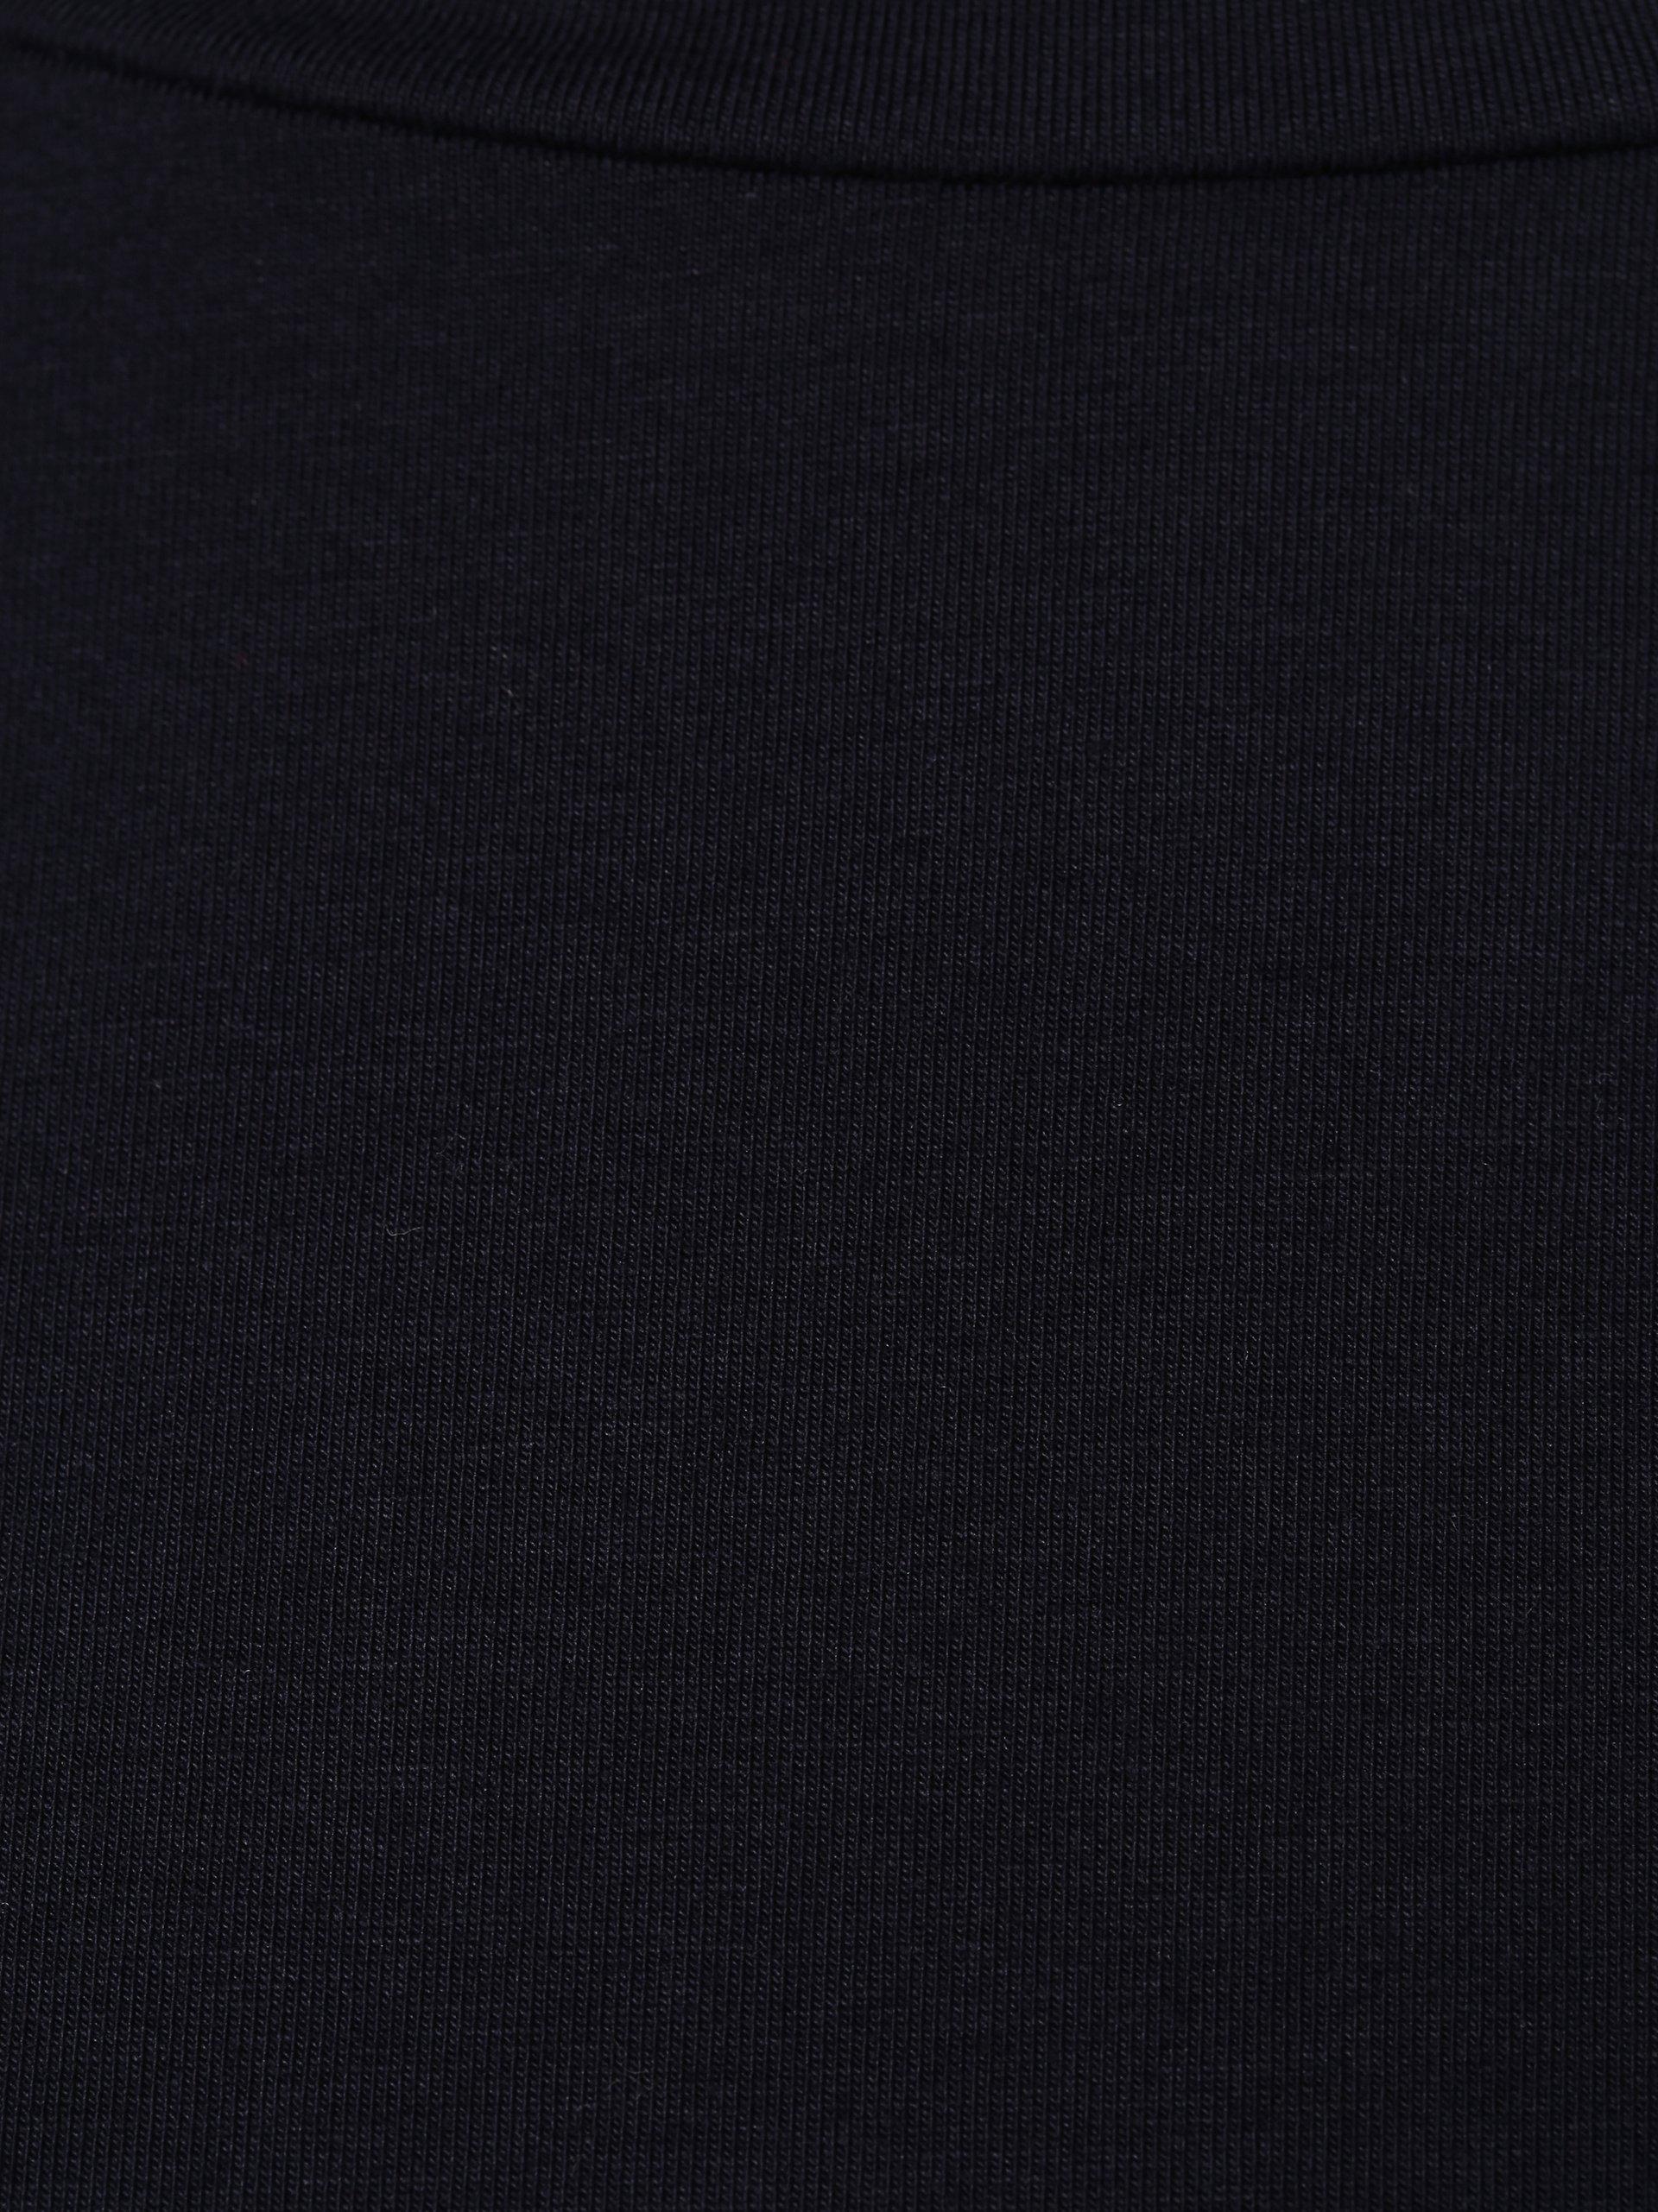 Franco Callegari Damska koszulka z długim rękawem